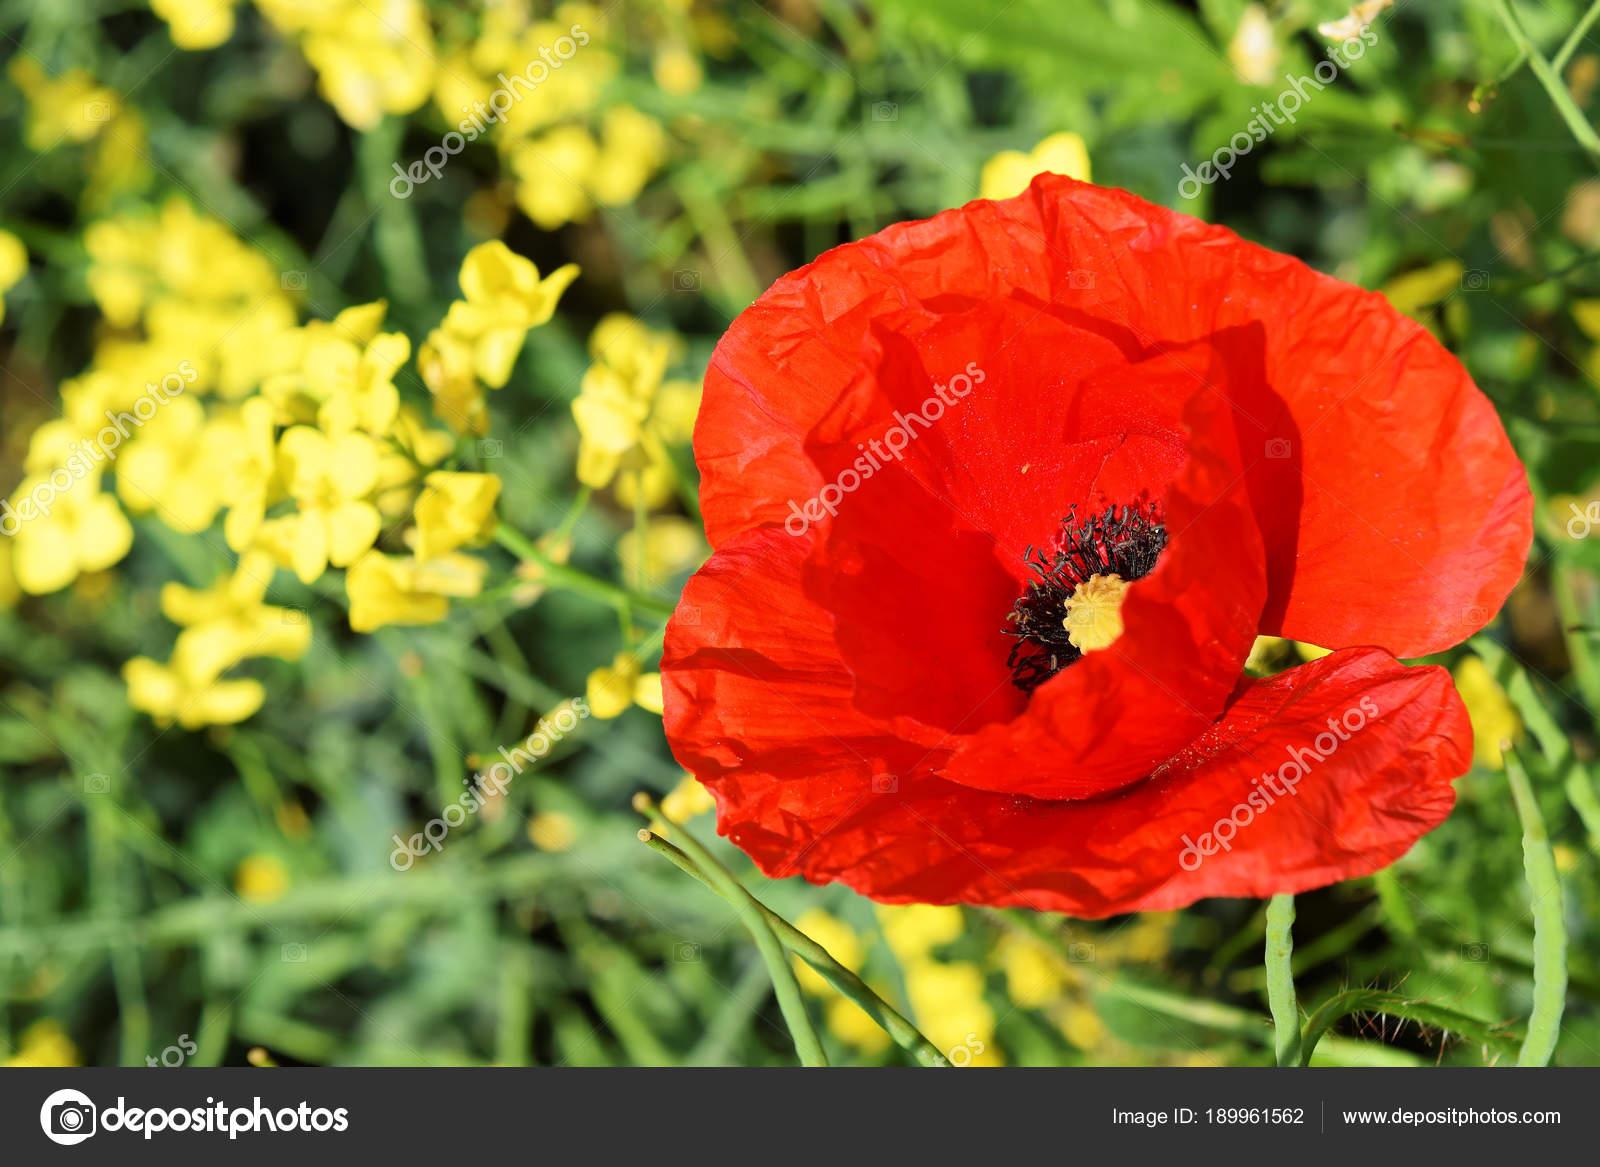 Poppy flower symbol anzac day stock photo zvonce 189961562 poppy flower symbol anzac day stock photo mightylinksfo